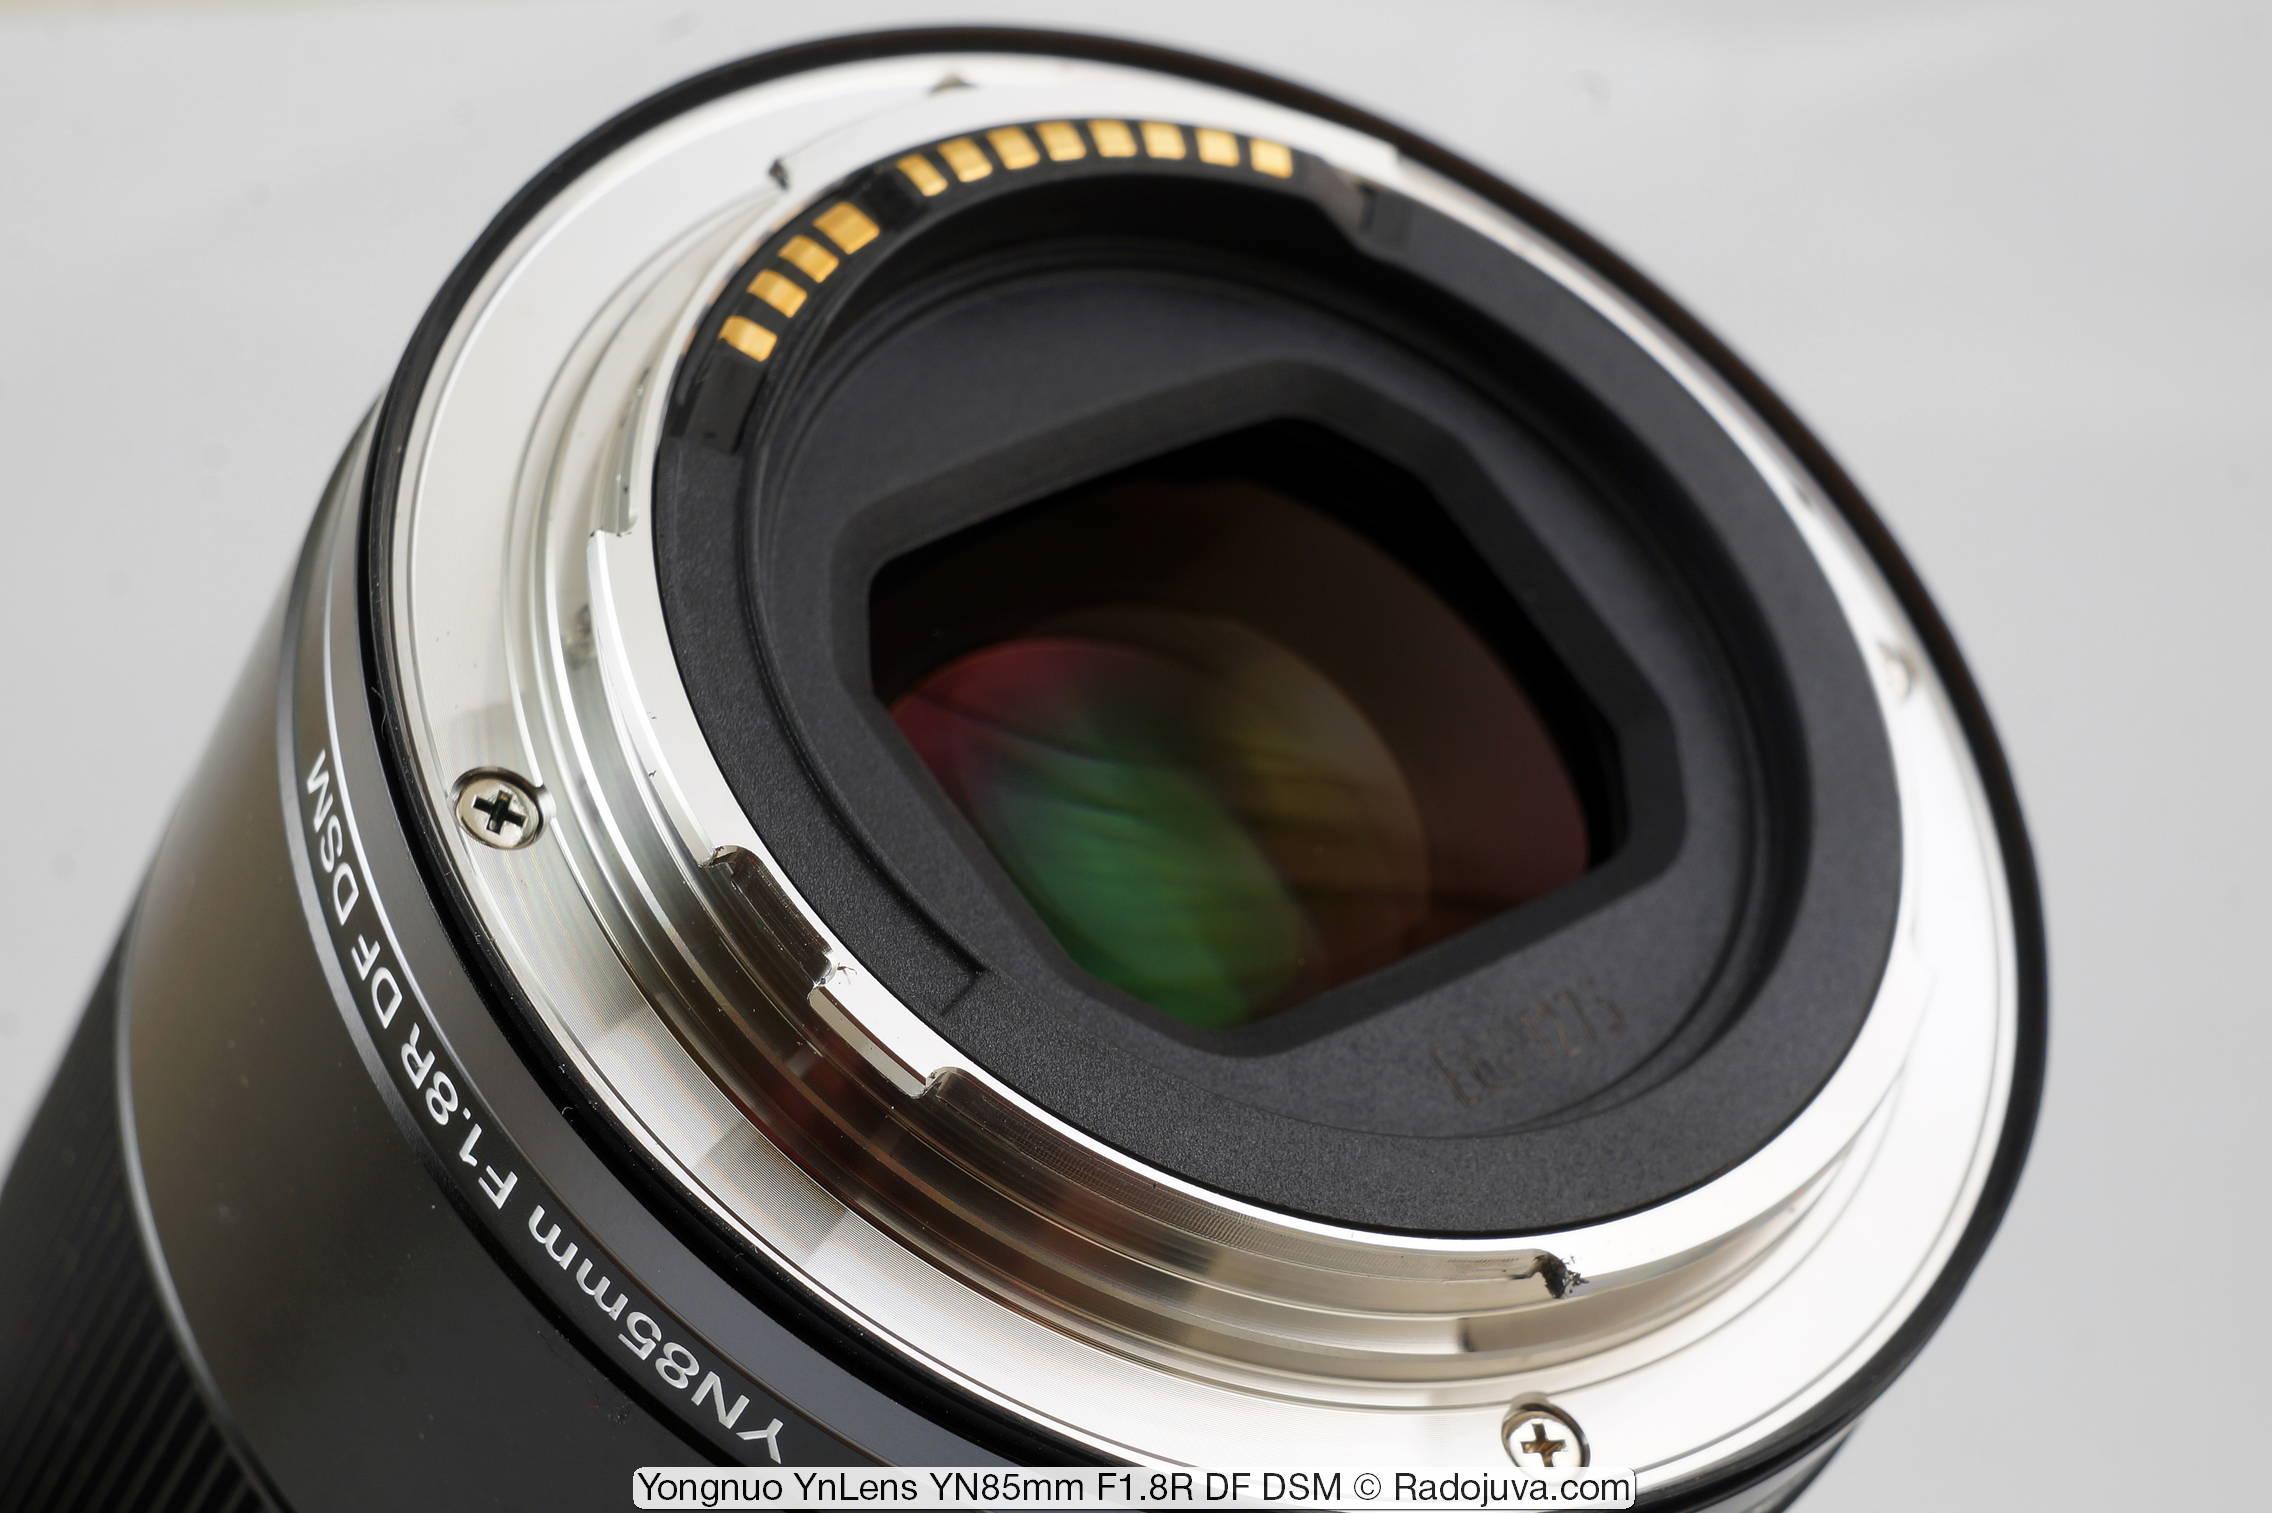 Yongnuo YnLens YN85mm F1.8R DF DSM (для Canon RF)